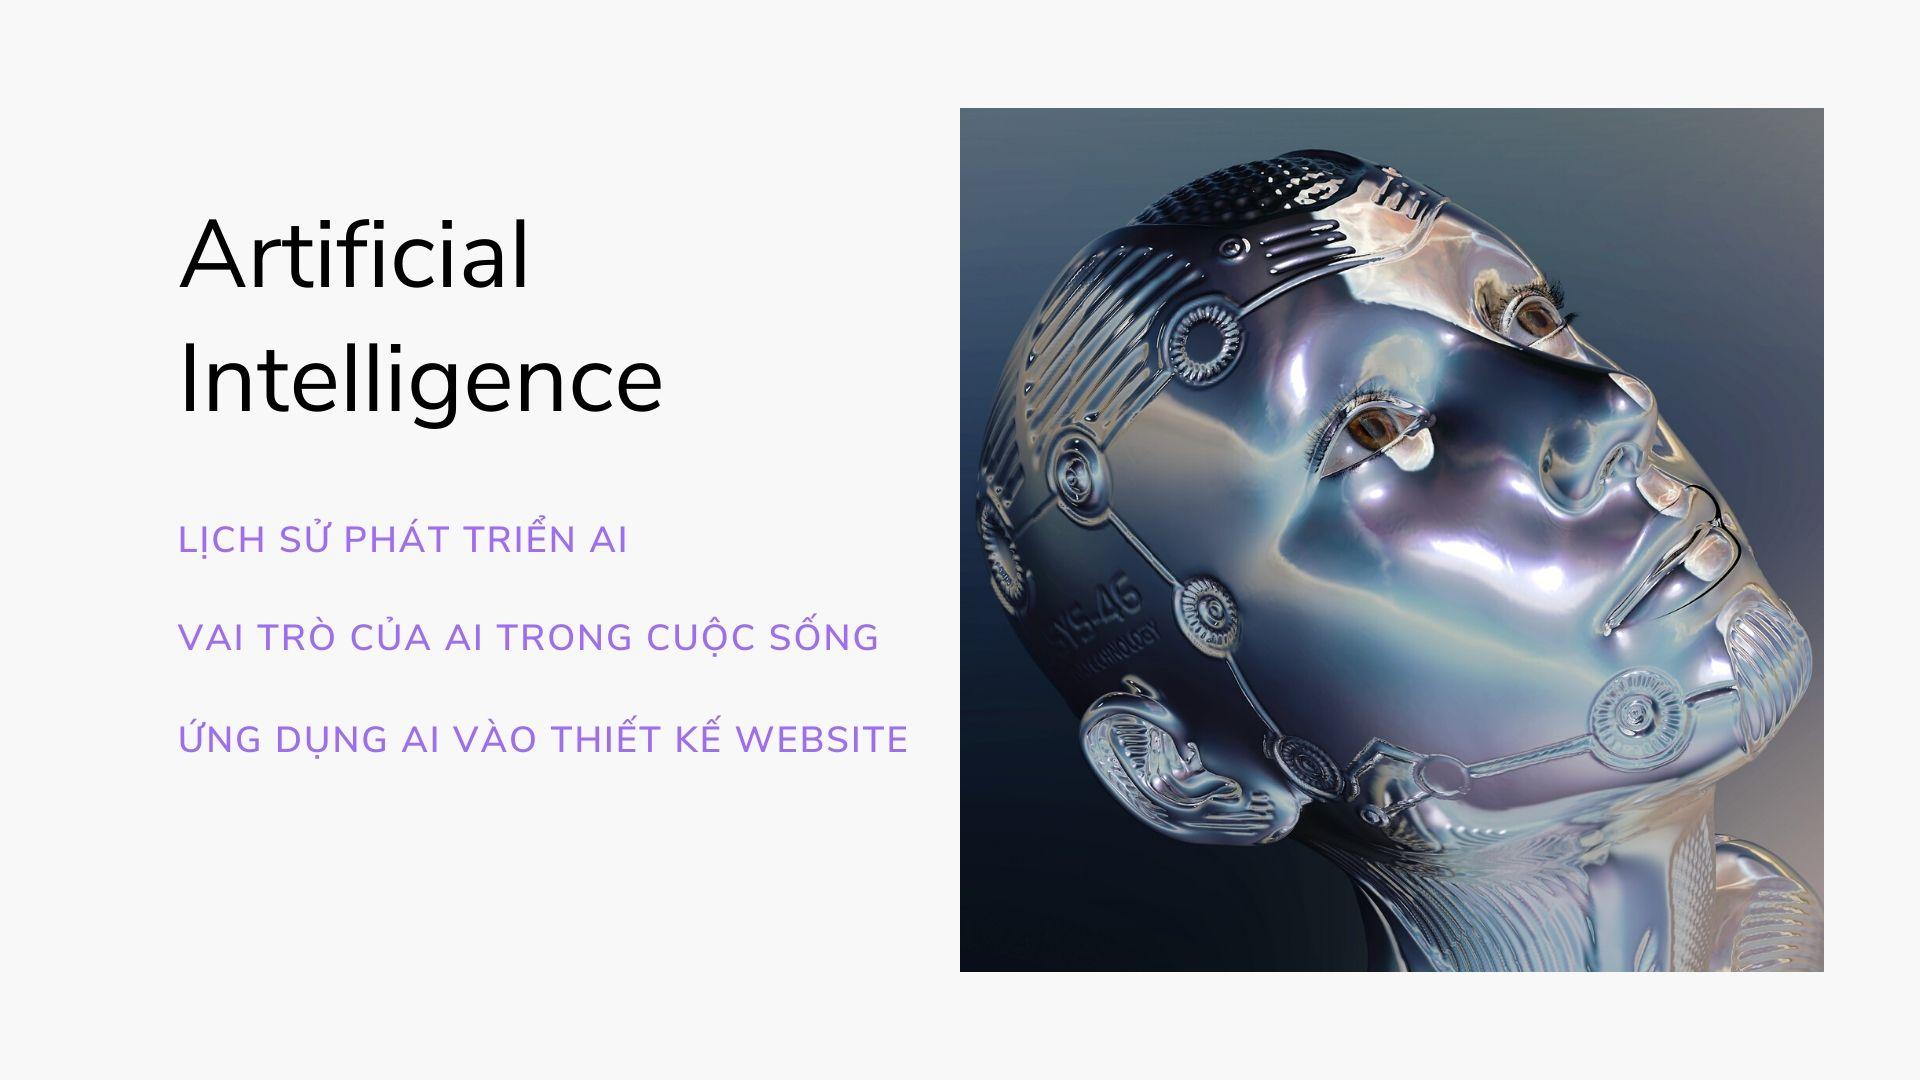 Trí tuệ nhân tạo ứng dụng vào thiết kế website chuyên nghiệp